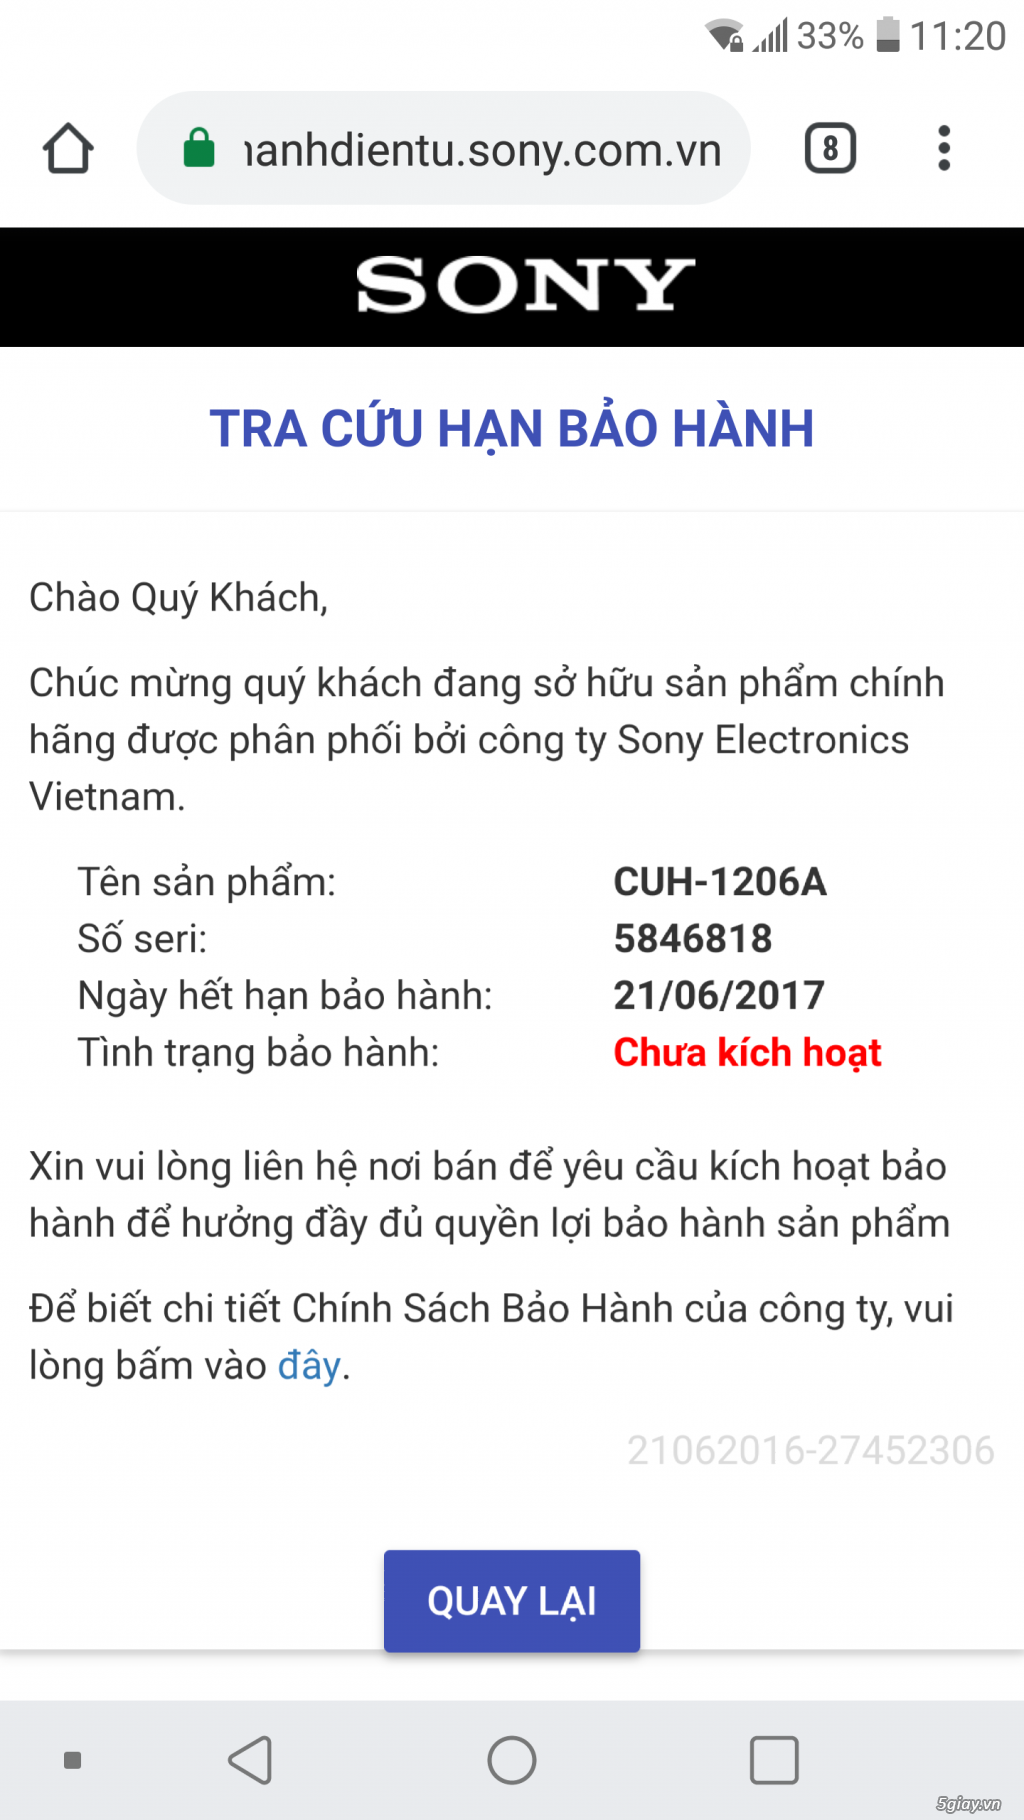 PS4 sony Việt Nam fullbox, 2 tay cầm kèm đĩa PES 2016 giá 5 triệu